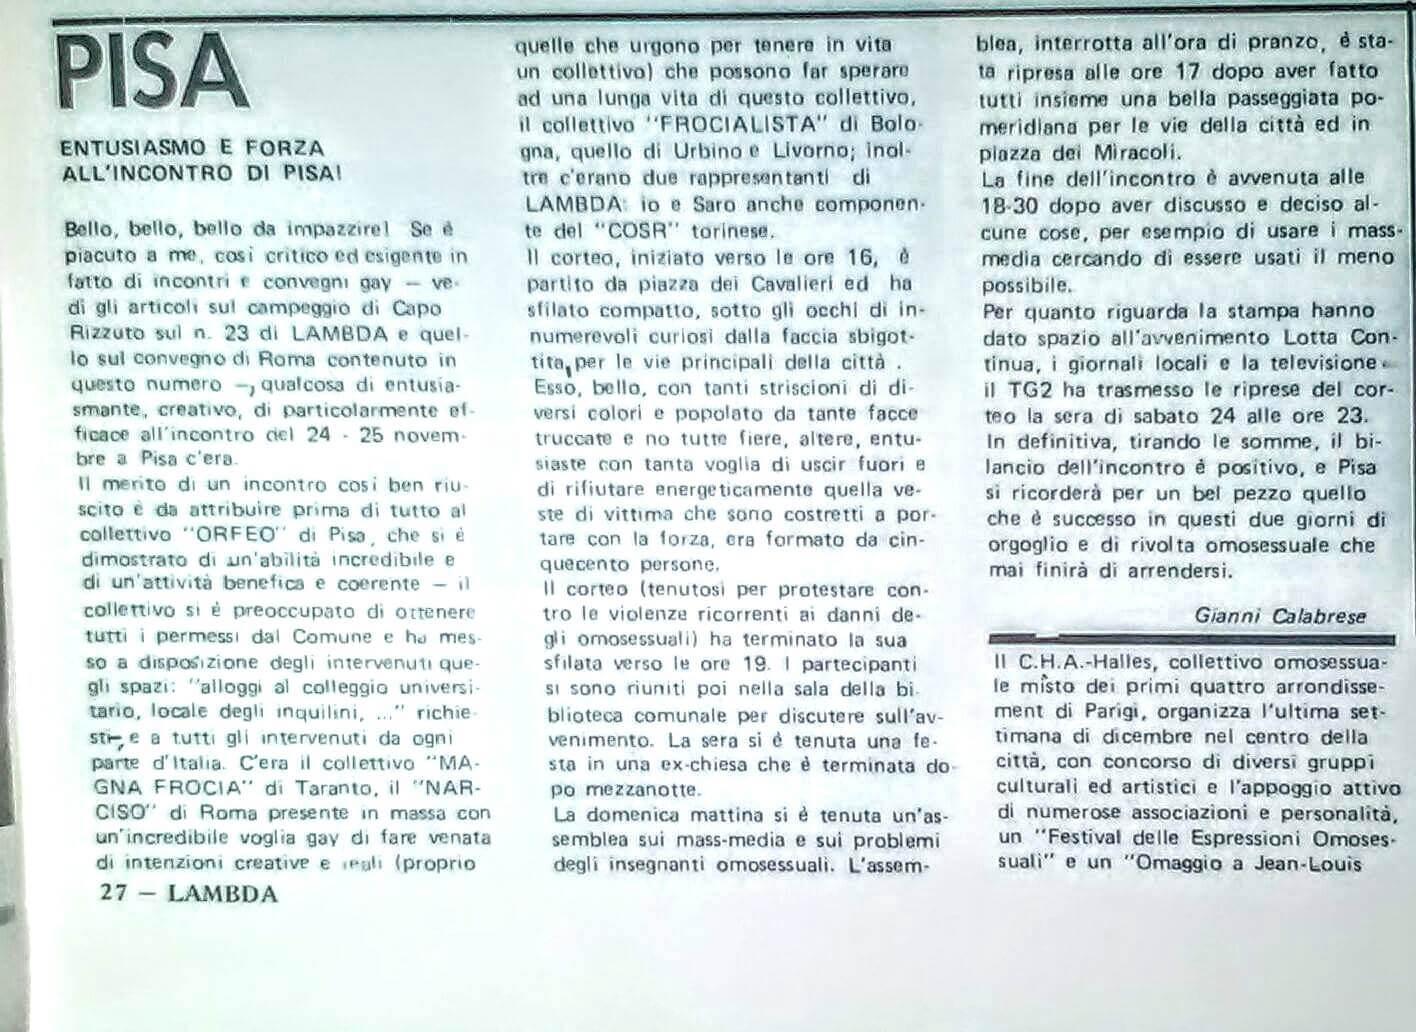 Articolo di Gianni Calabrese sulla manifestazione contro la violenza sulle persone LGBT tenutasi a Pisa il 24 novembre 1979.